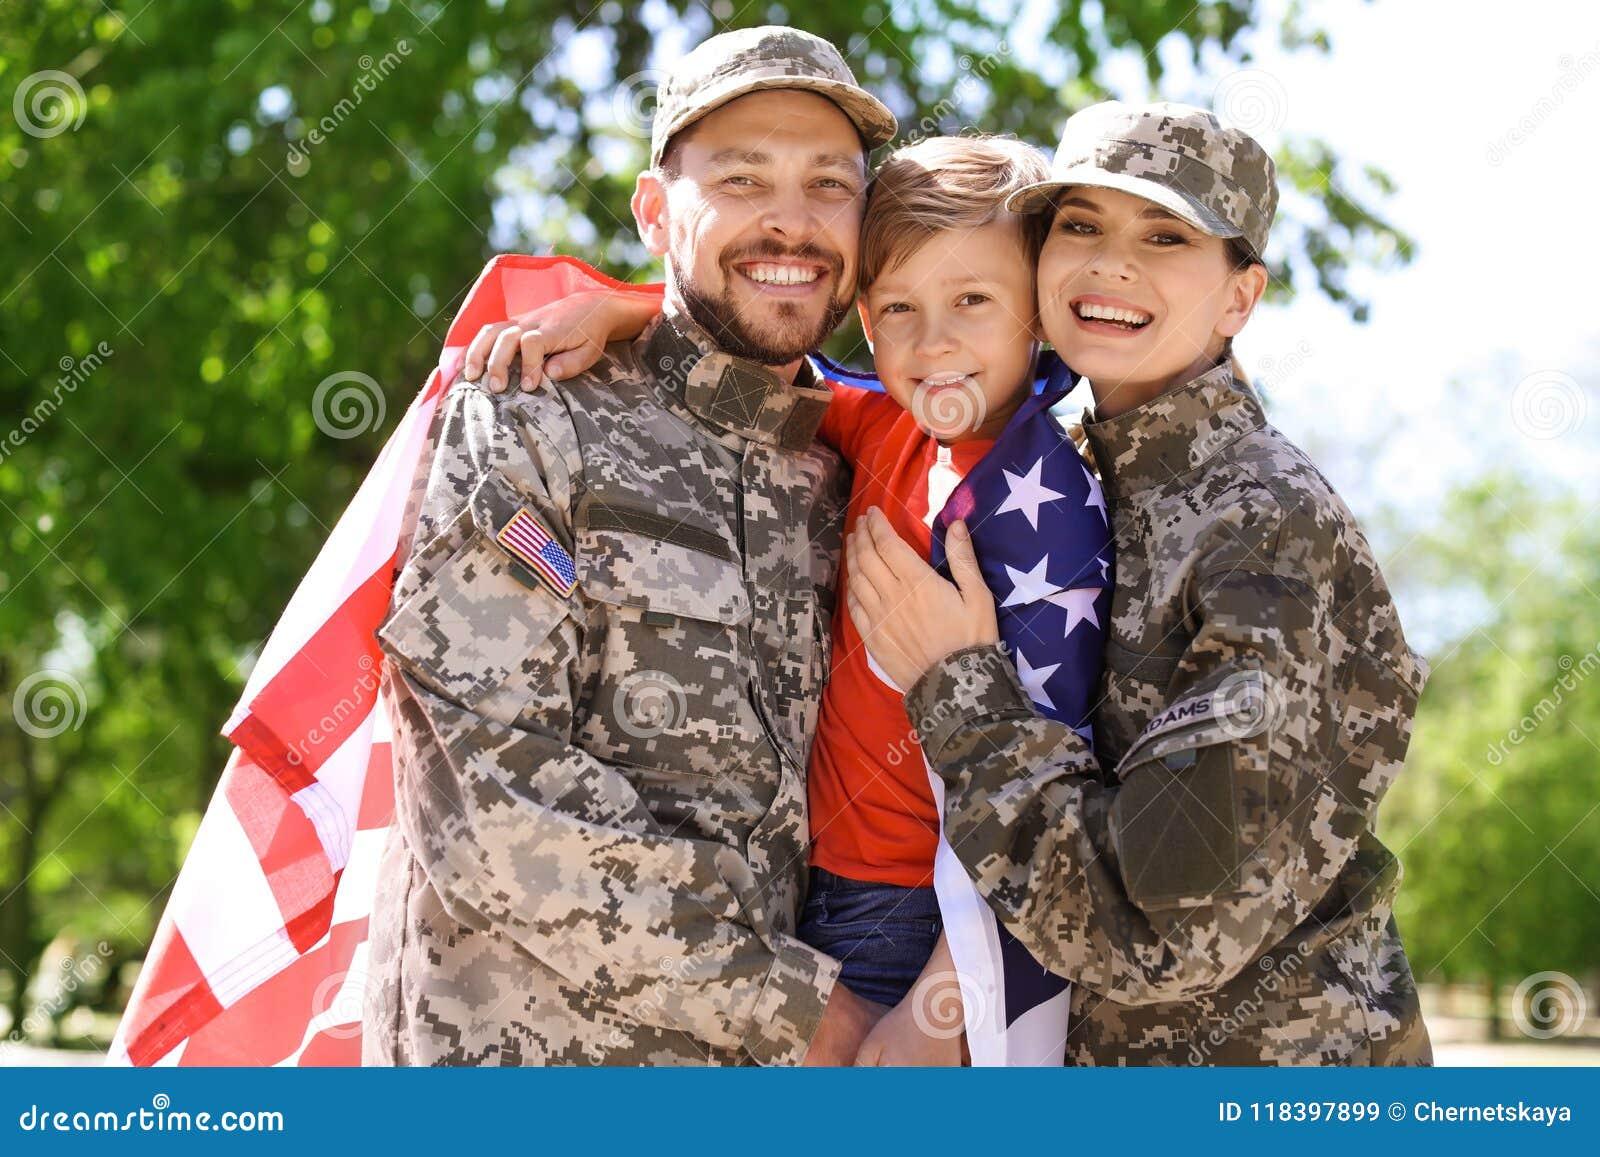 Glückliche Militärfamilie mit ihrem Sohn, draußen